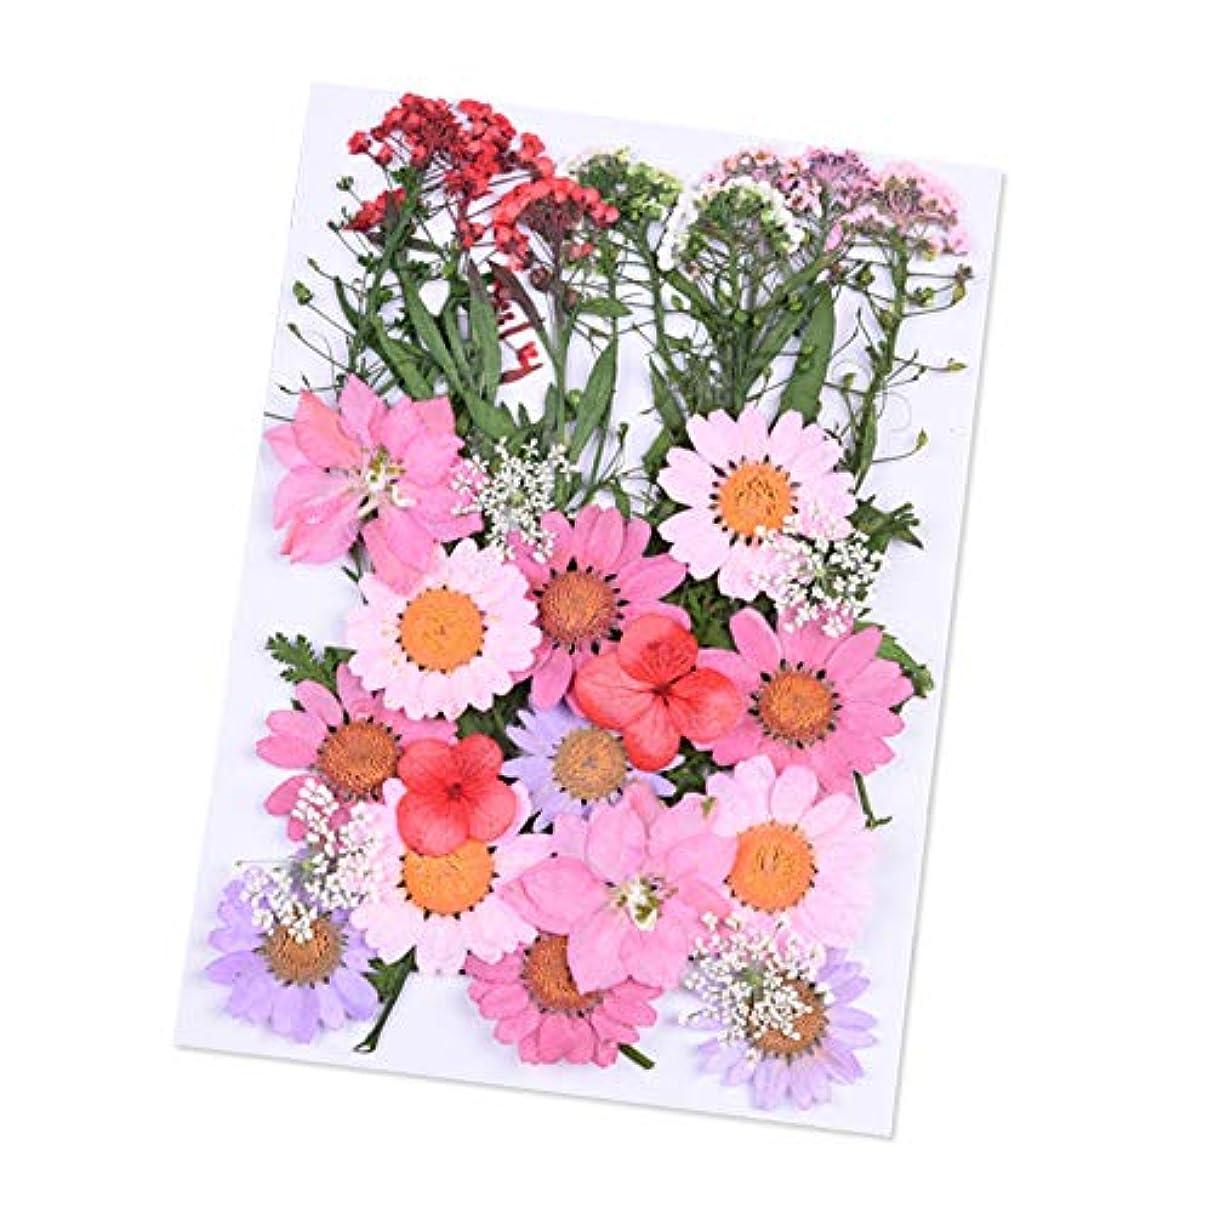 不潔よく話される襟Dried Flowers,ZOZOE Natural Real Dried Flowers Flower Kit Flower Petals and Buds DIY Silicone Coaster Resin Molds Pressed Flower Dried Flowers Art Crafts Scrapbooking Decor Multifunctional